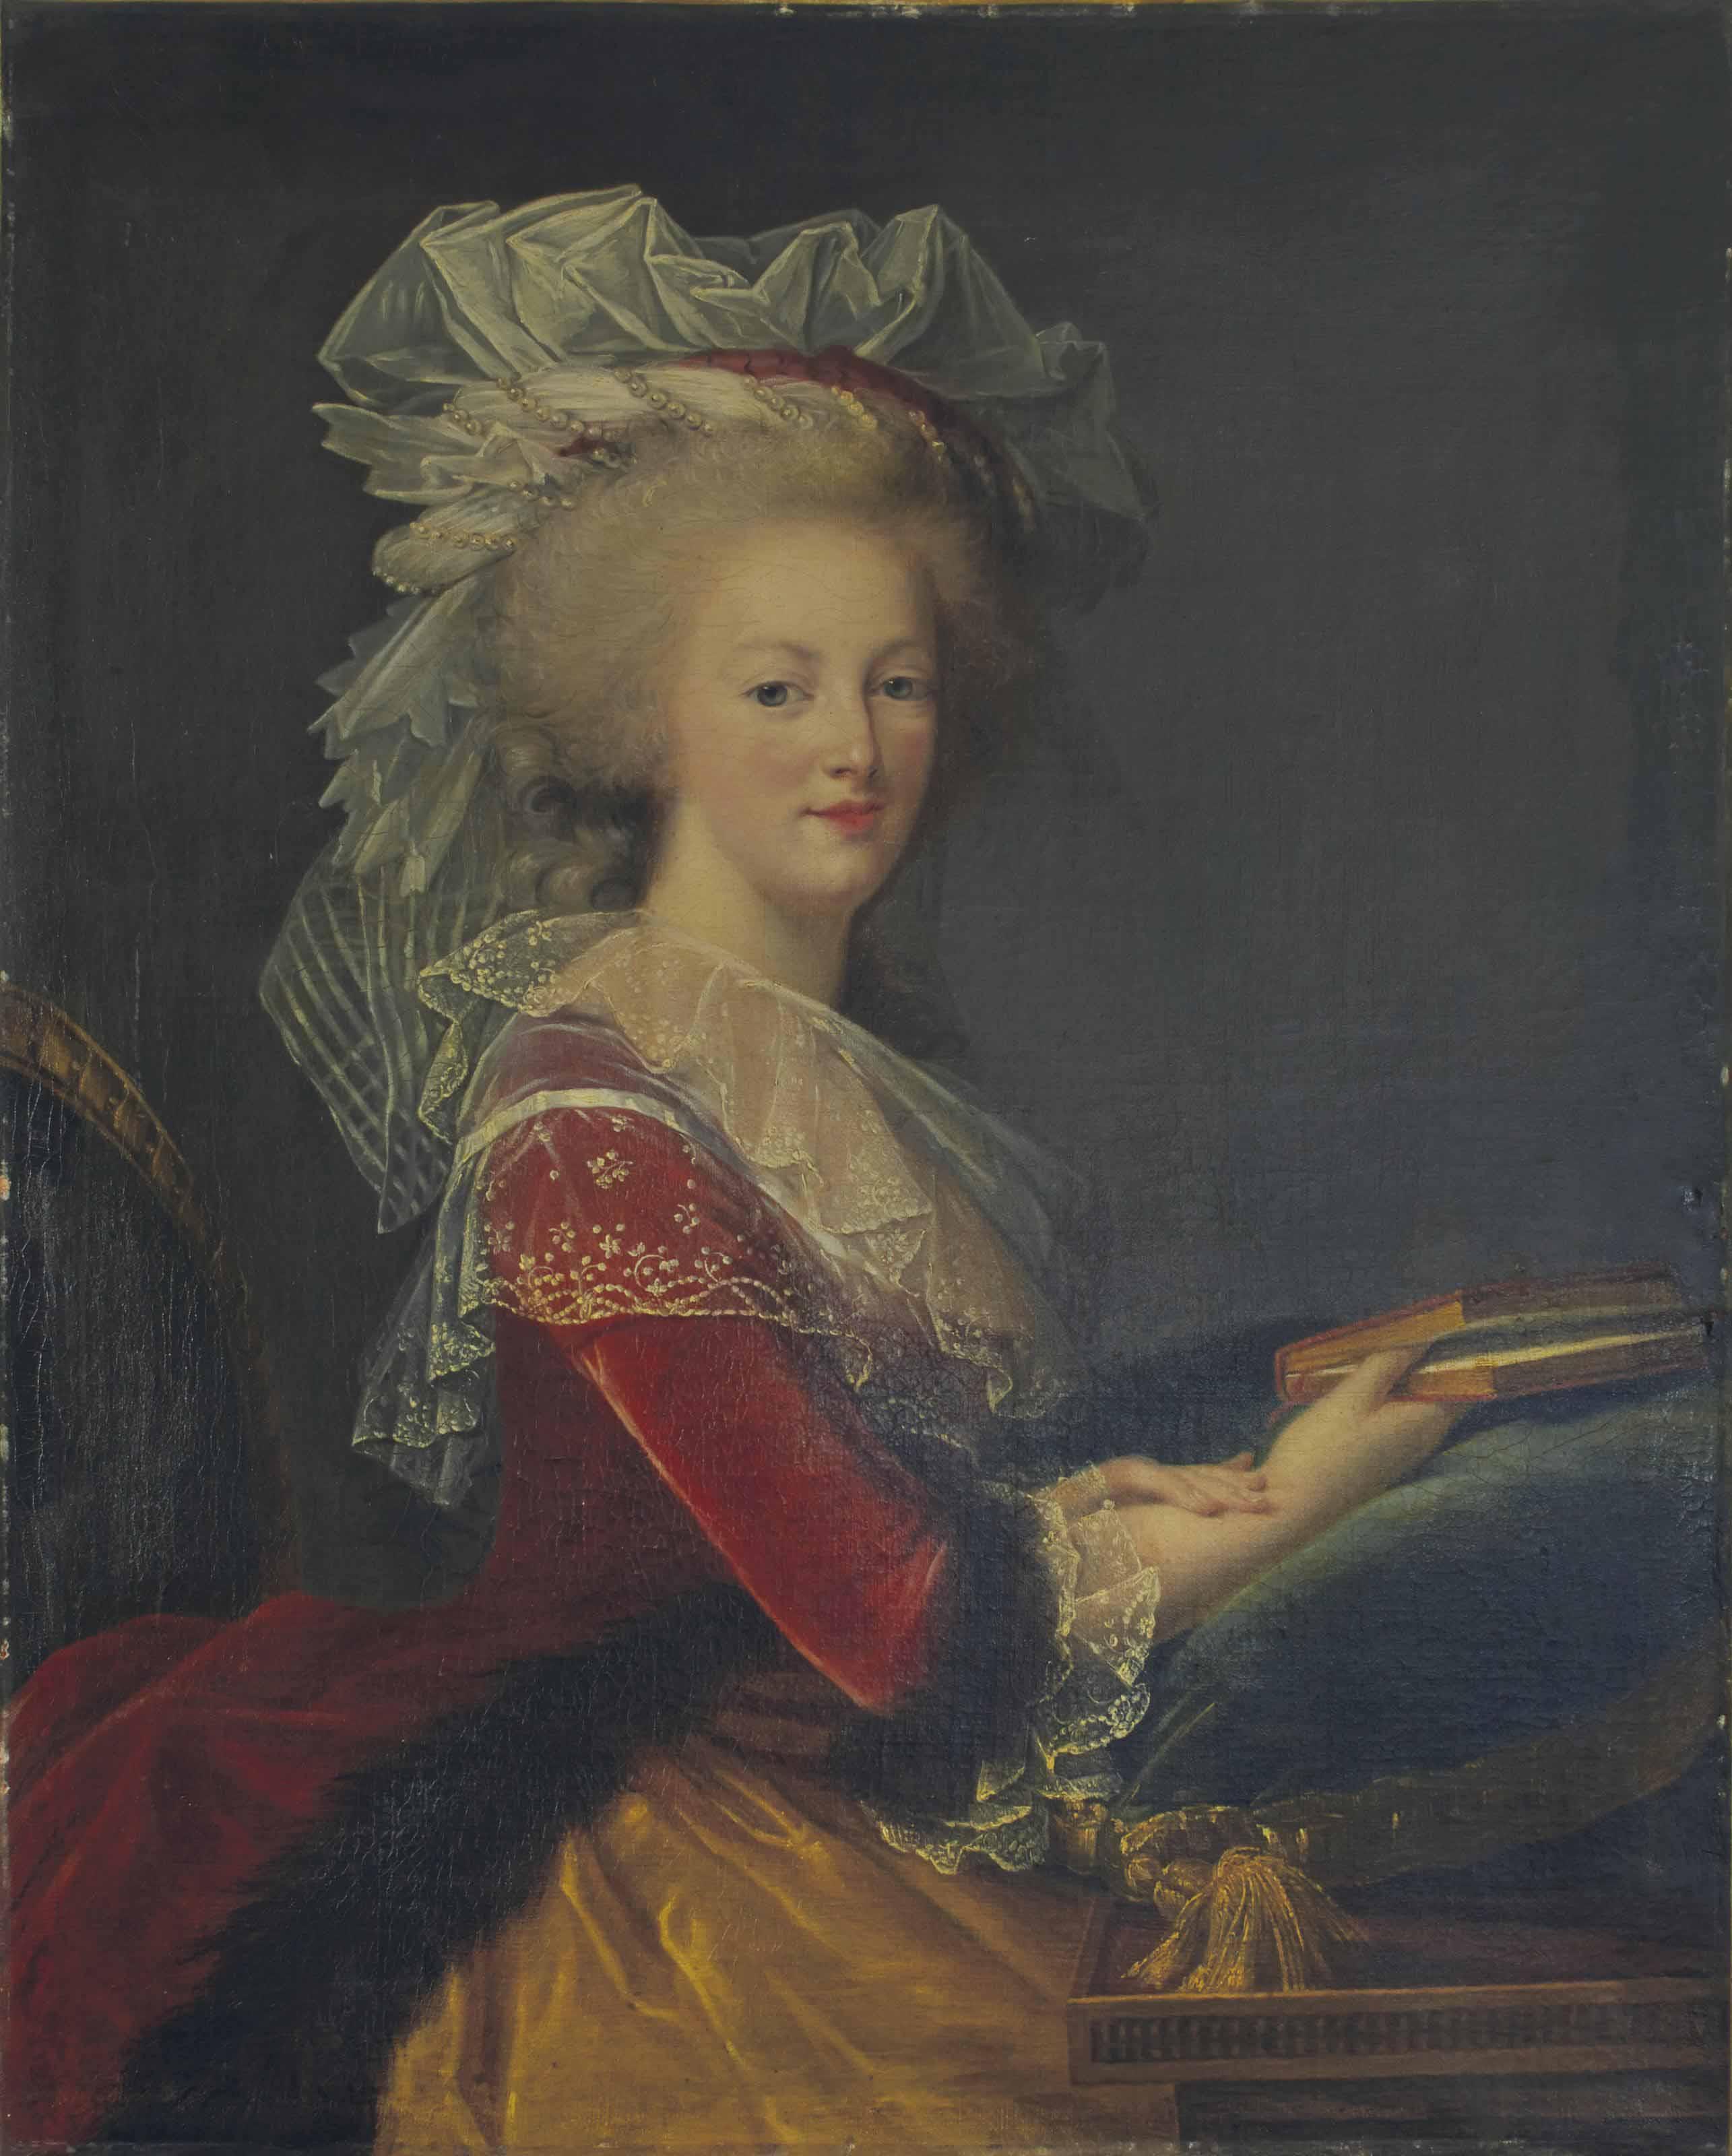 ATELIER DE LOUISE ELISABETH VI